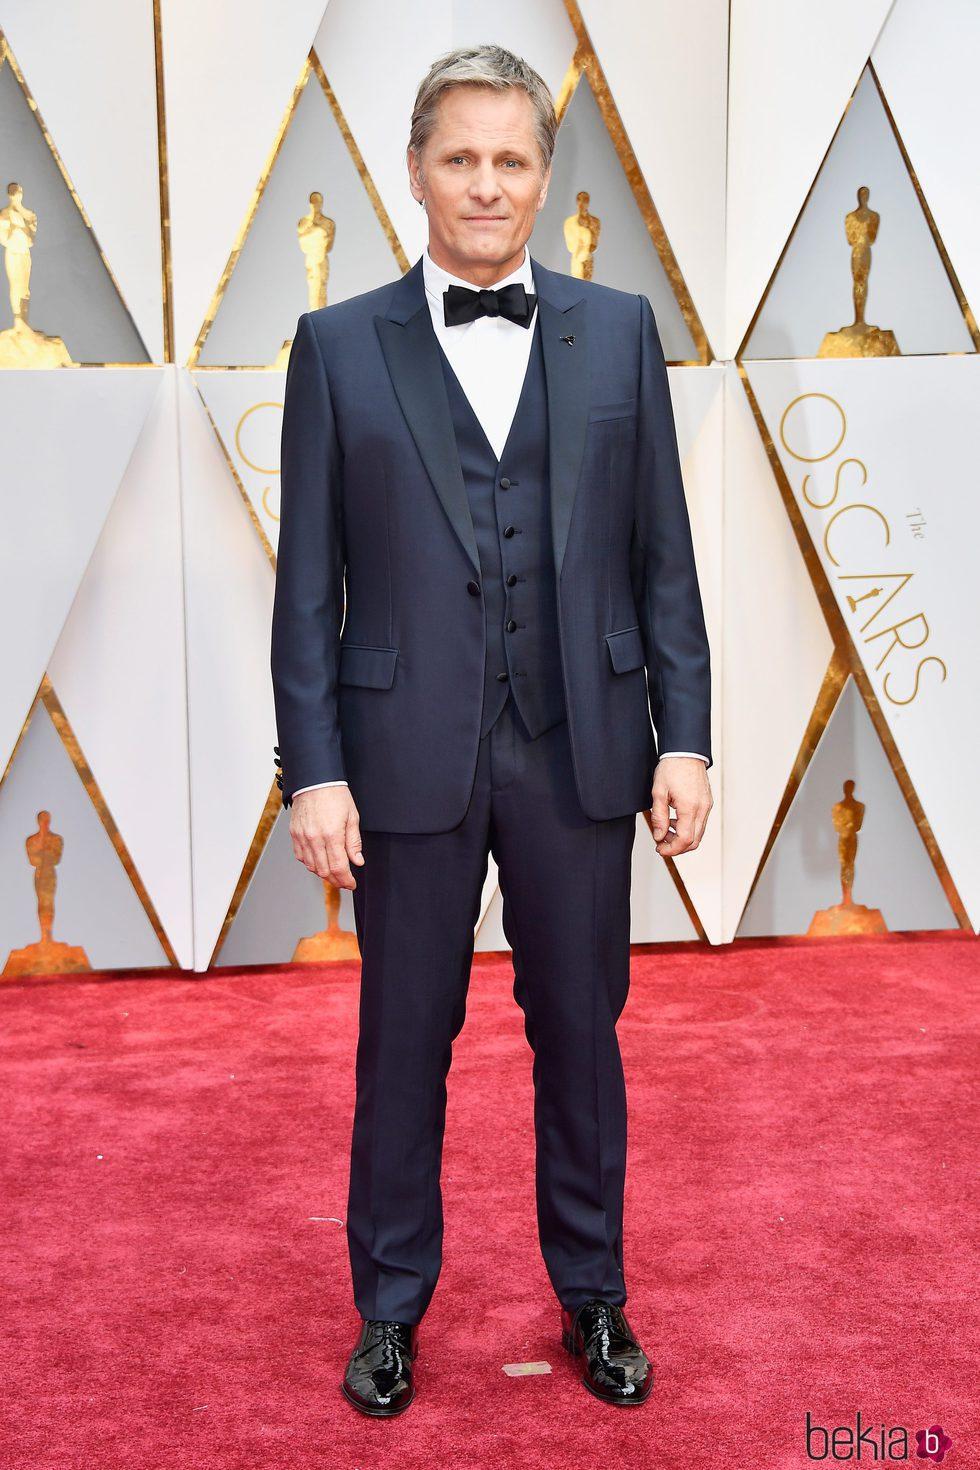 Viggo Mortensen en la alfombra roja de los Premios Oscar 2017